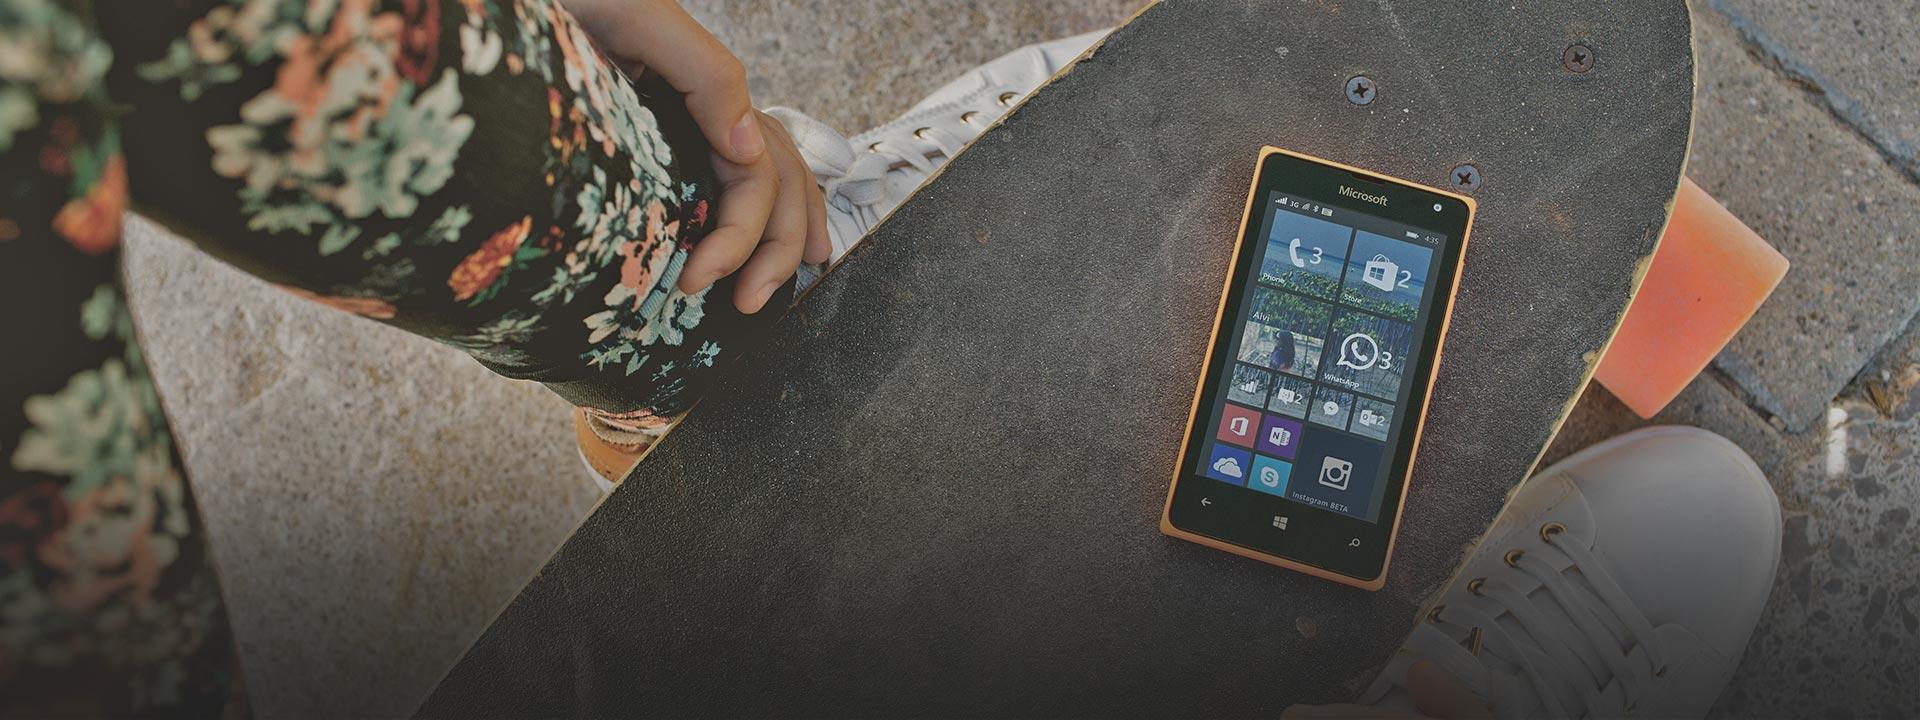 Lumia phone, learn more